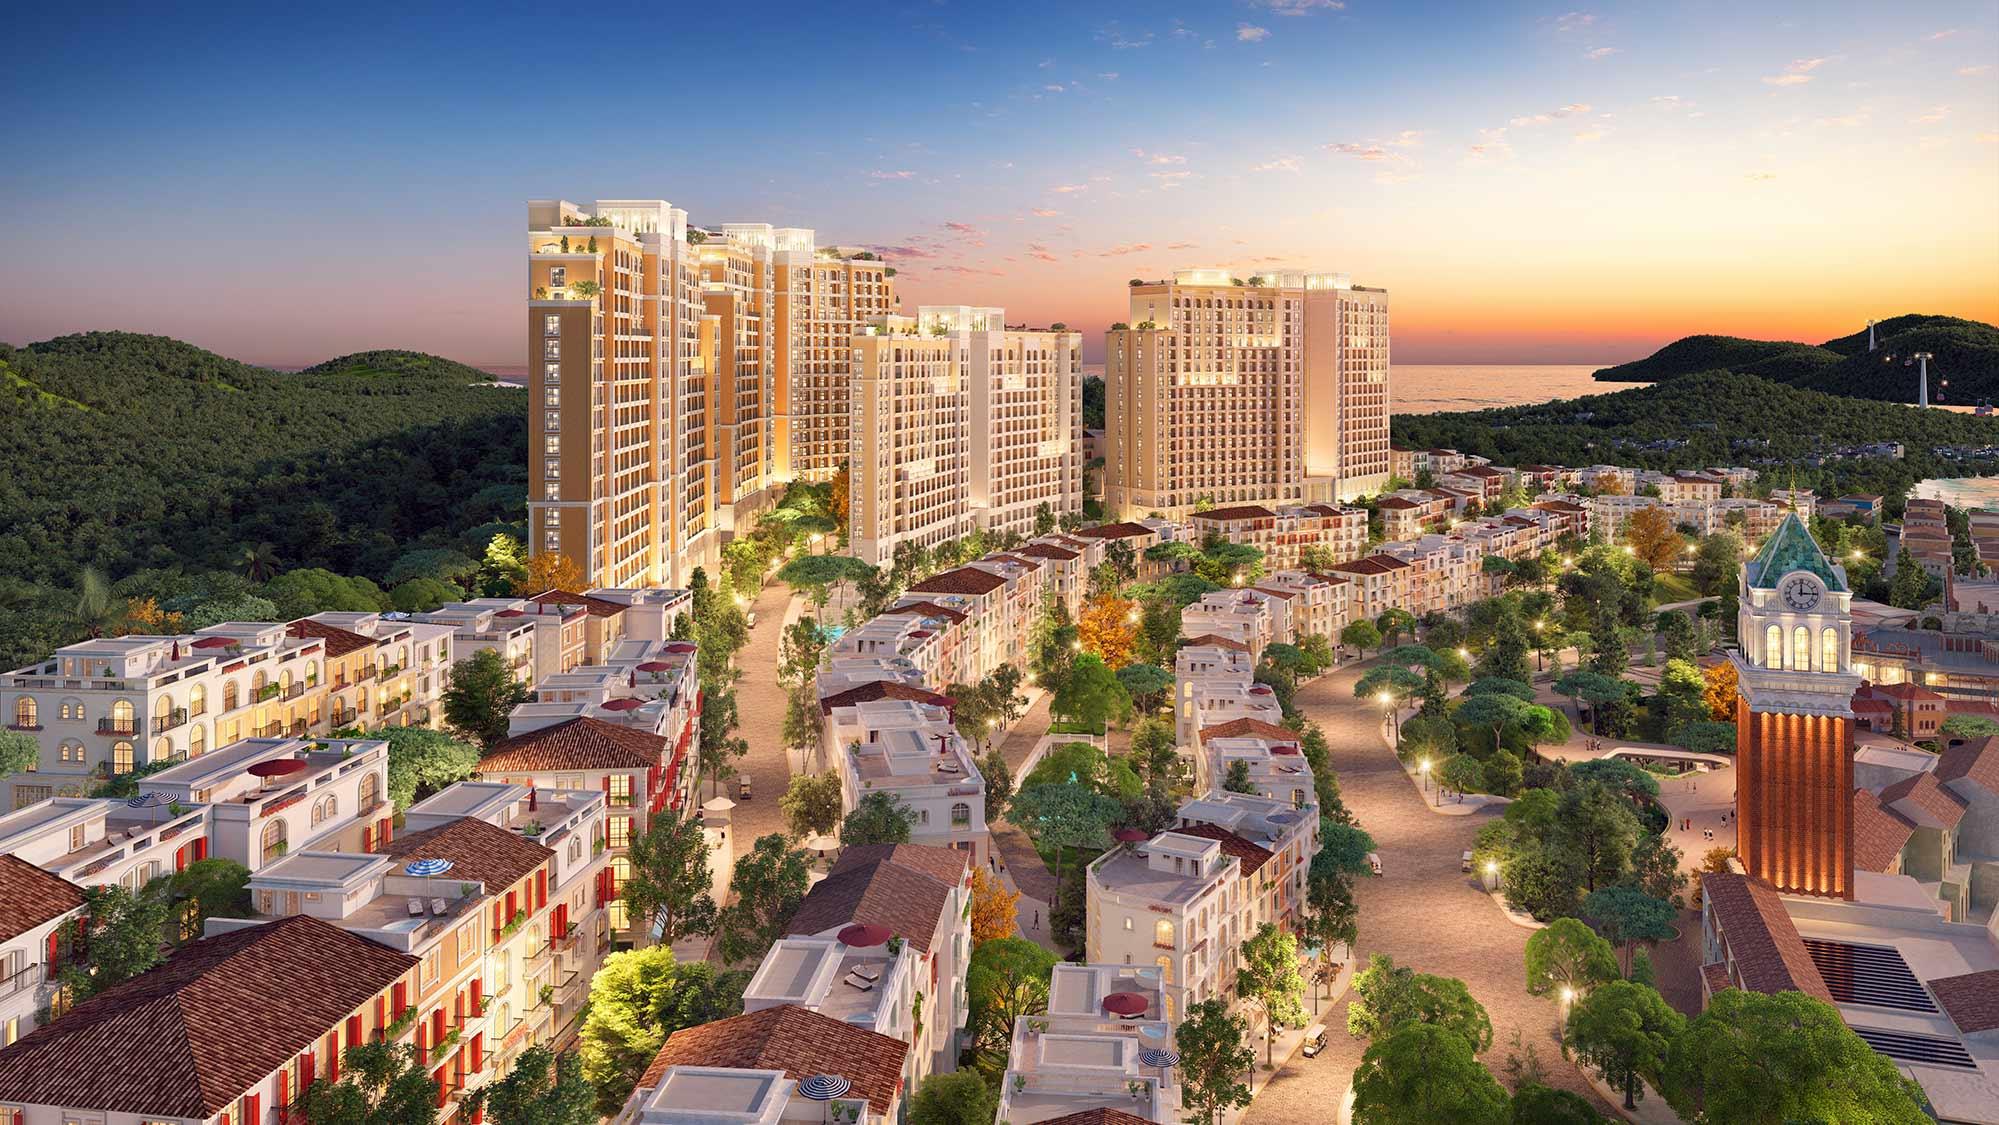 Sun Grand City Hillside Residence - Tổ hợp căn hộ cao tầng view biển đầu tiên tại Phú Quốc